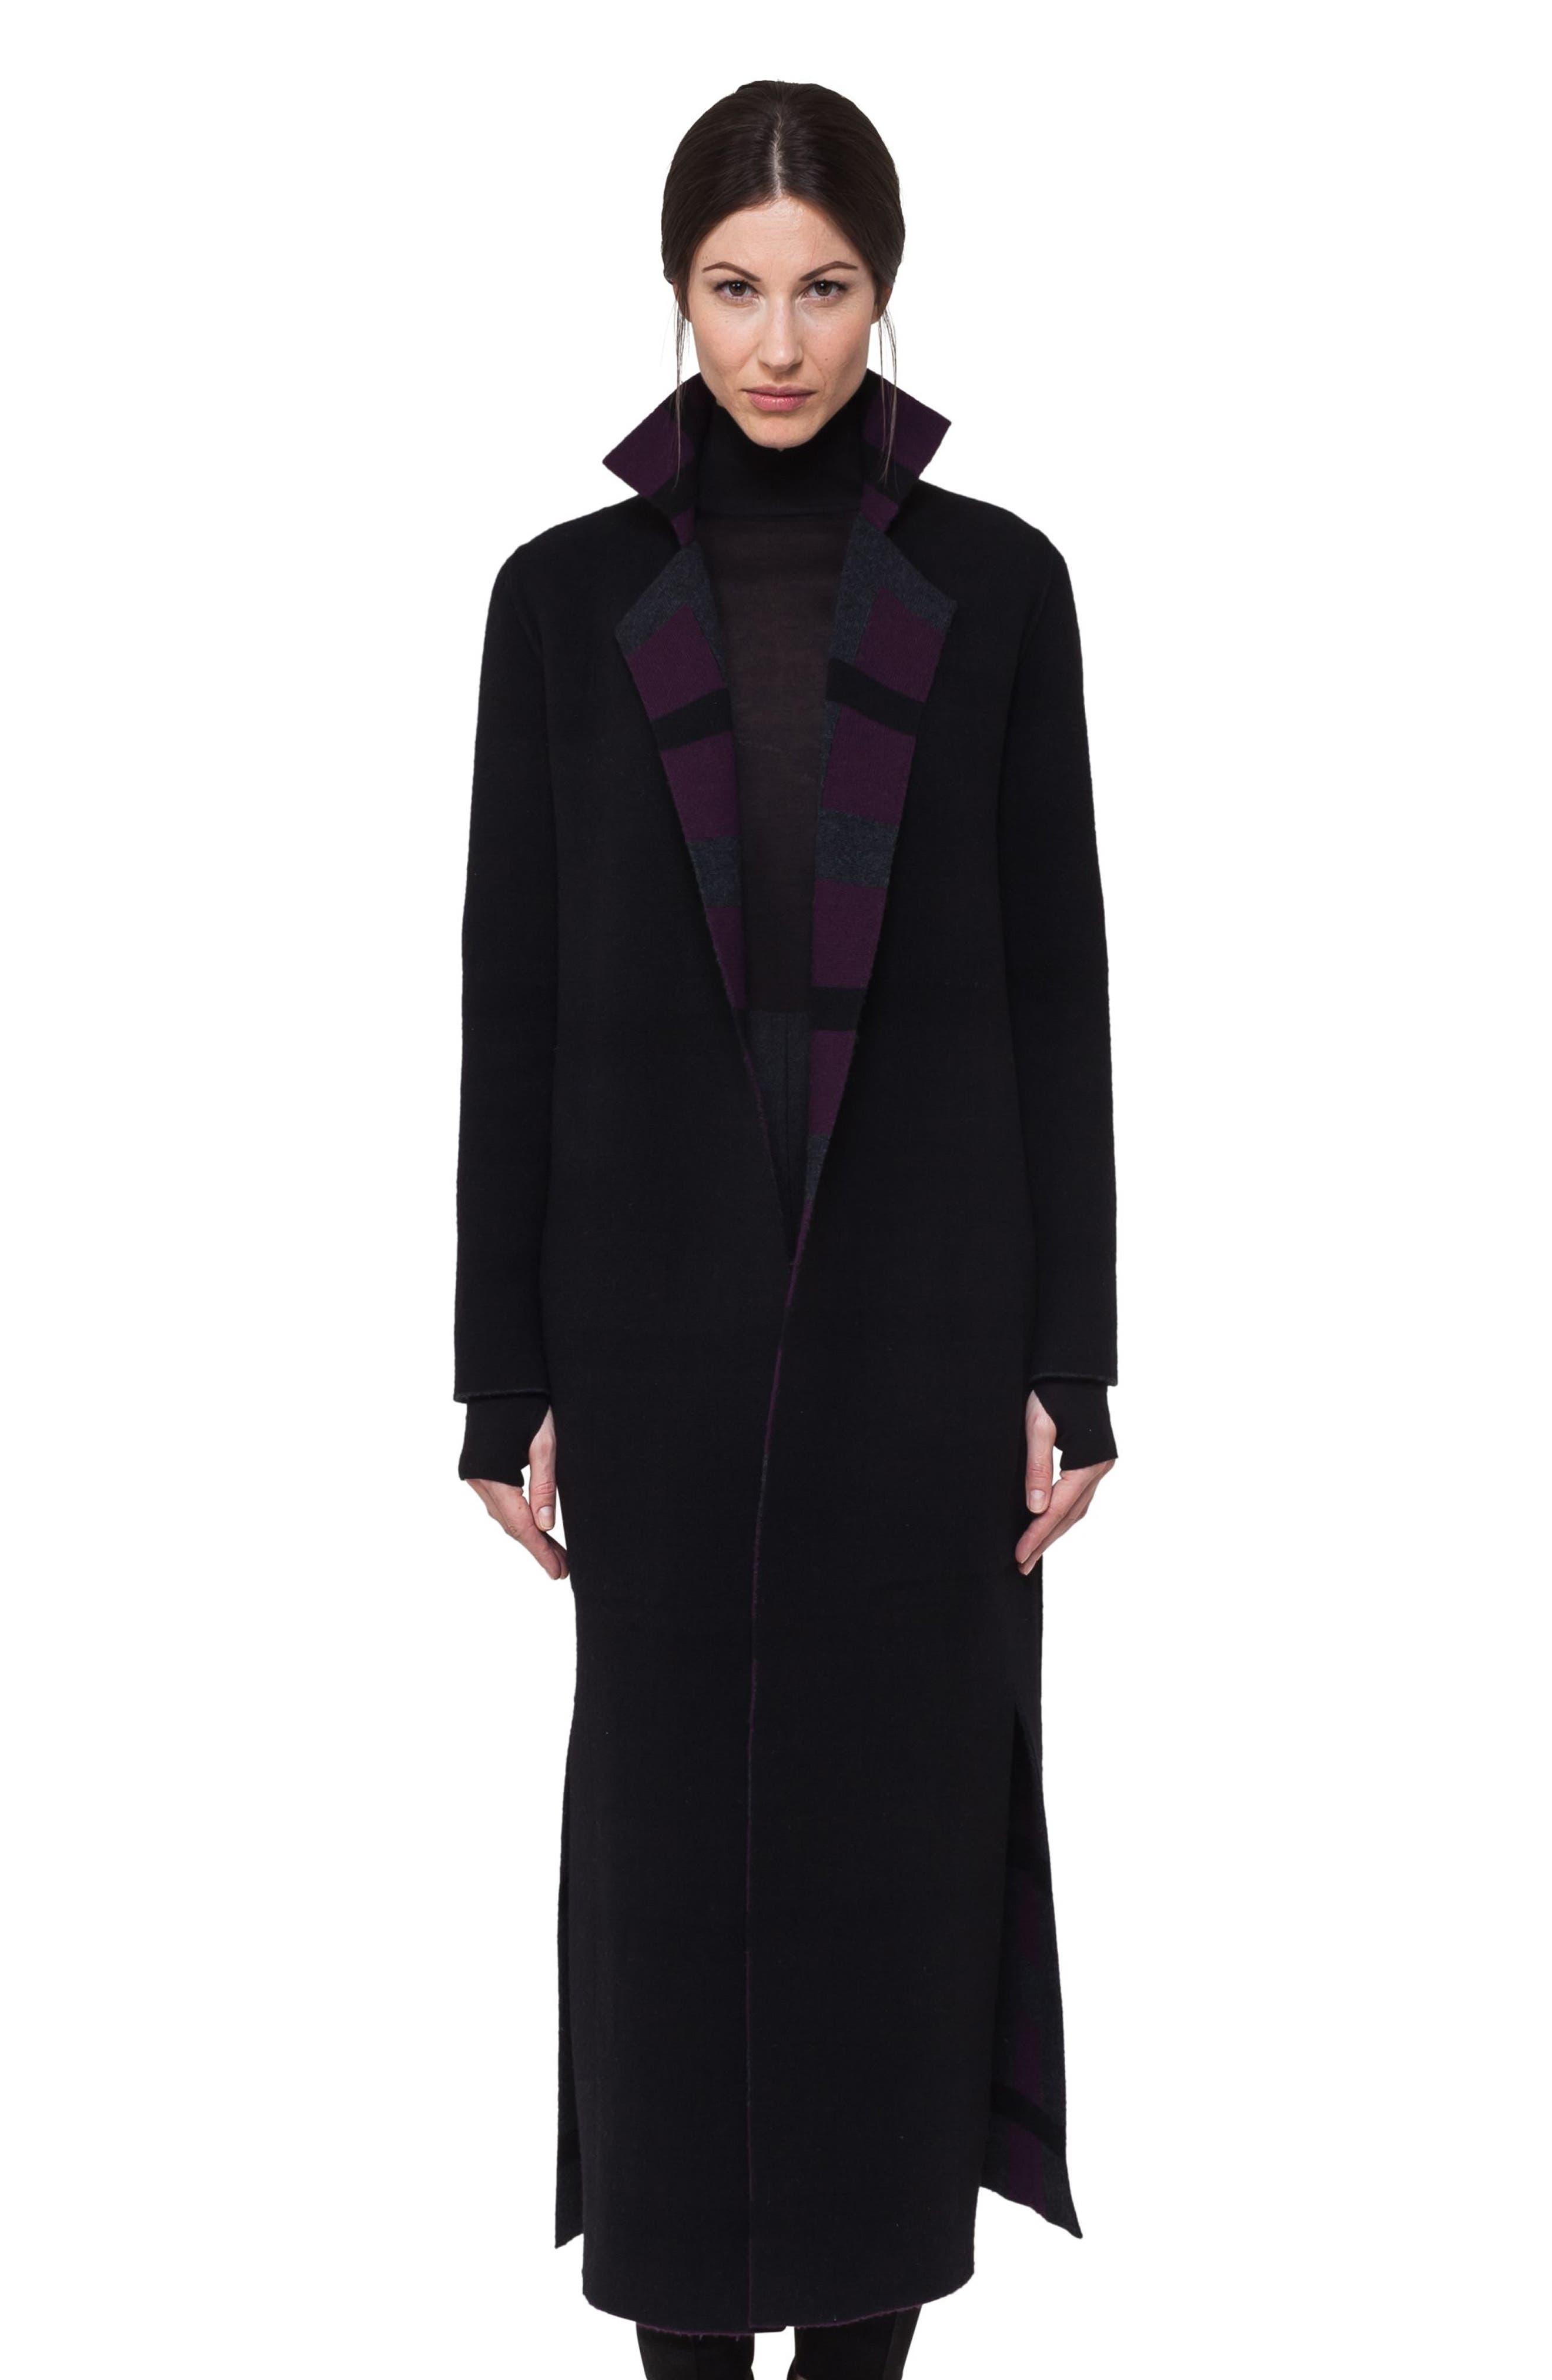 Reversible Double Face Cashmere Coat,                             Alternate thumbnail 2, color,